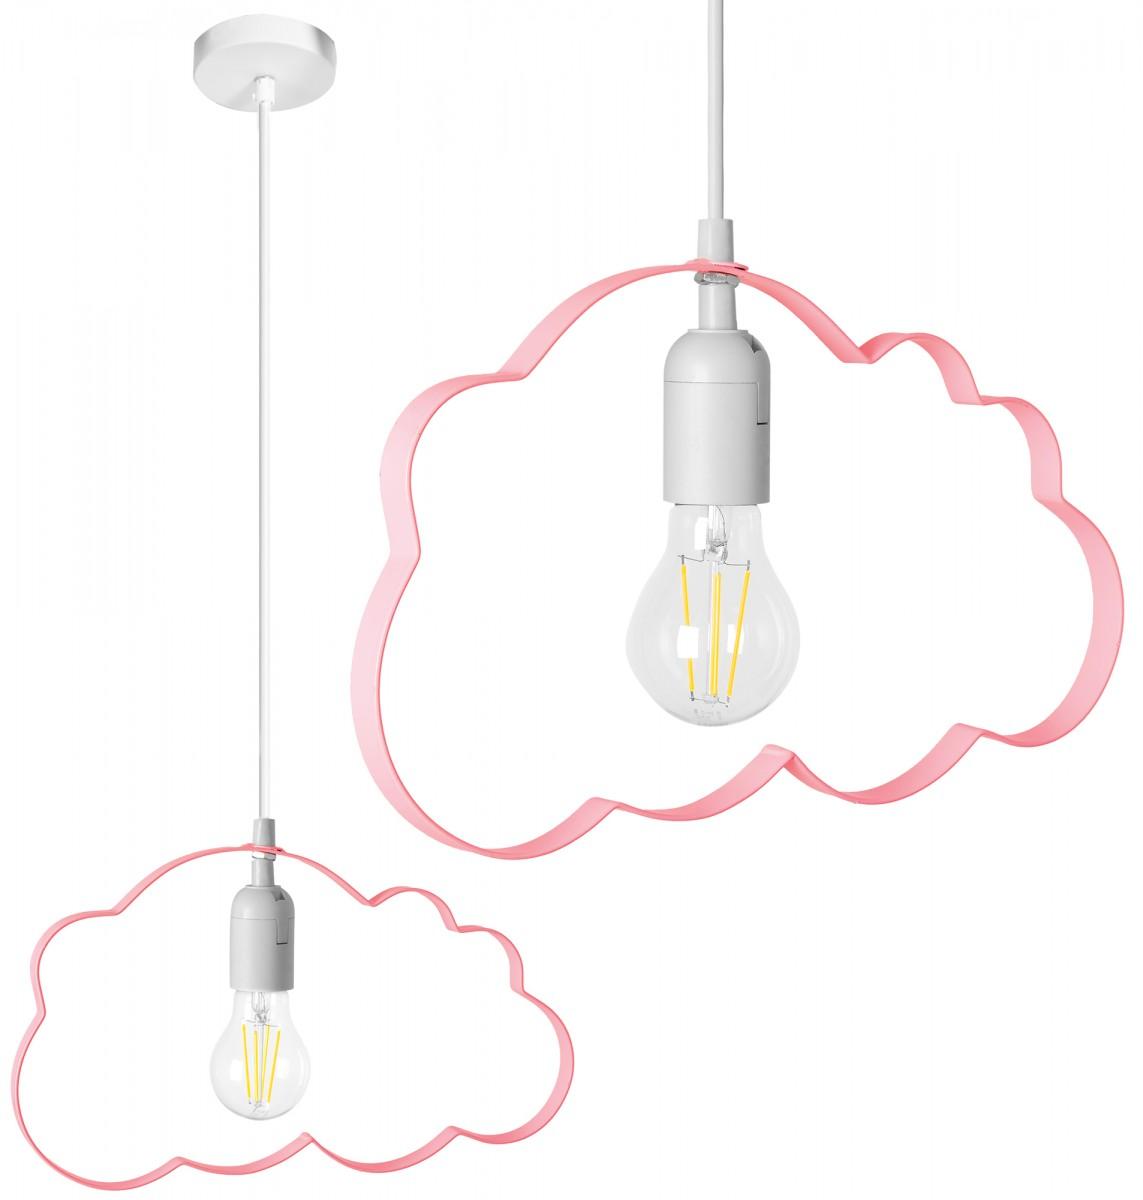 Stropní svítidlo TooLight Cloudie světle růžová